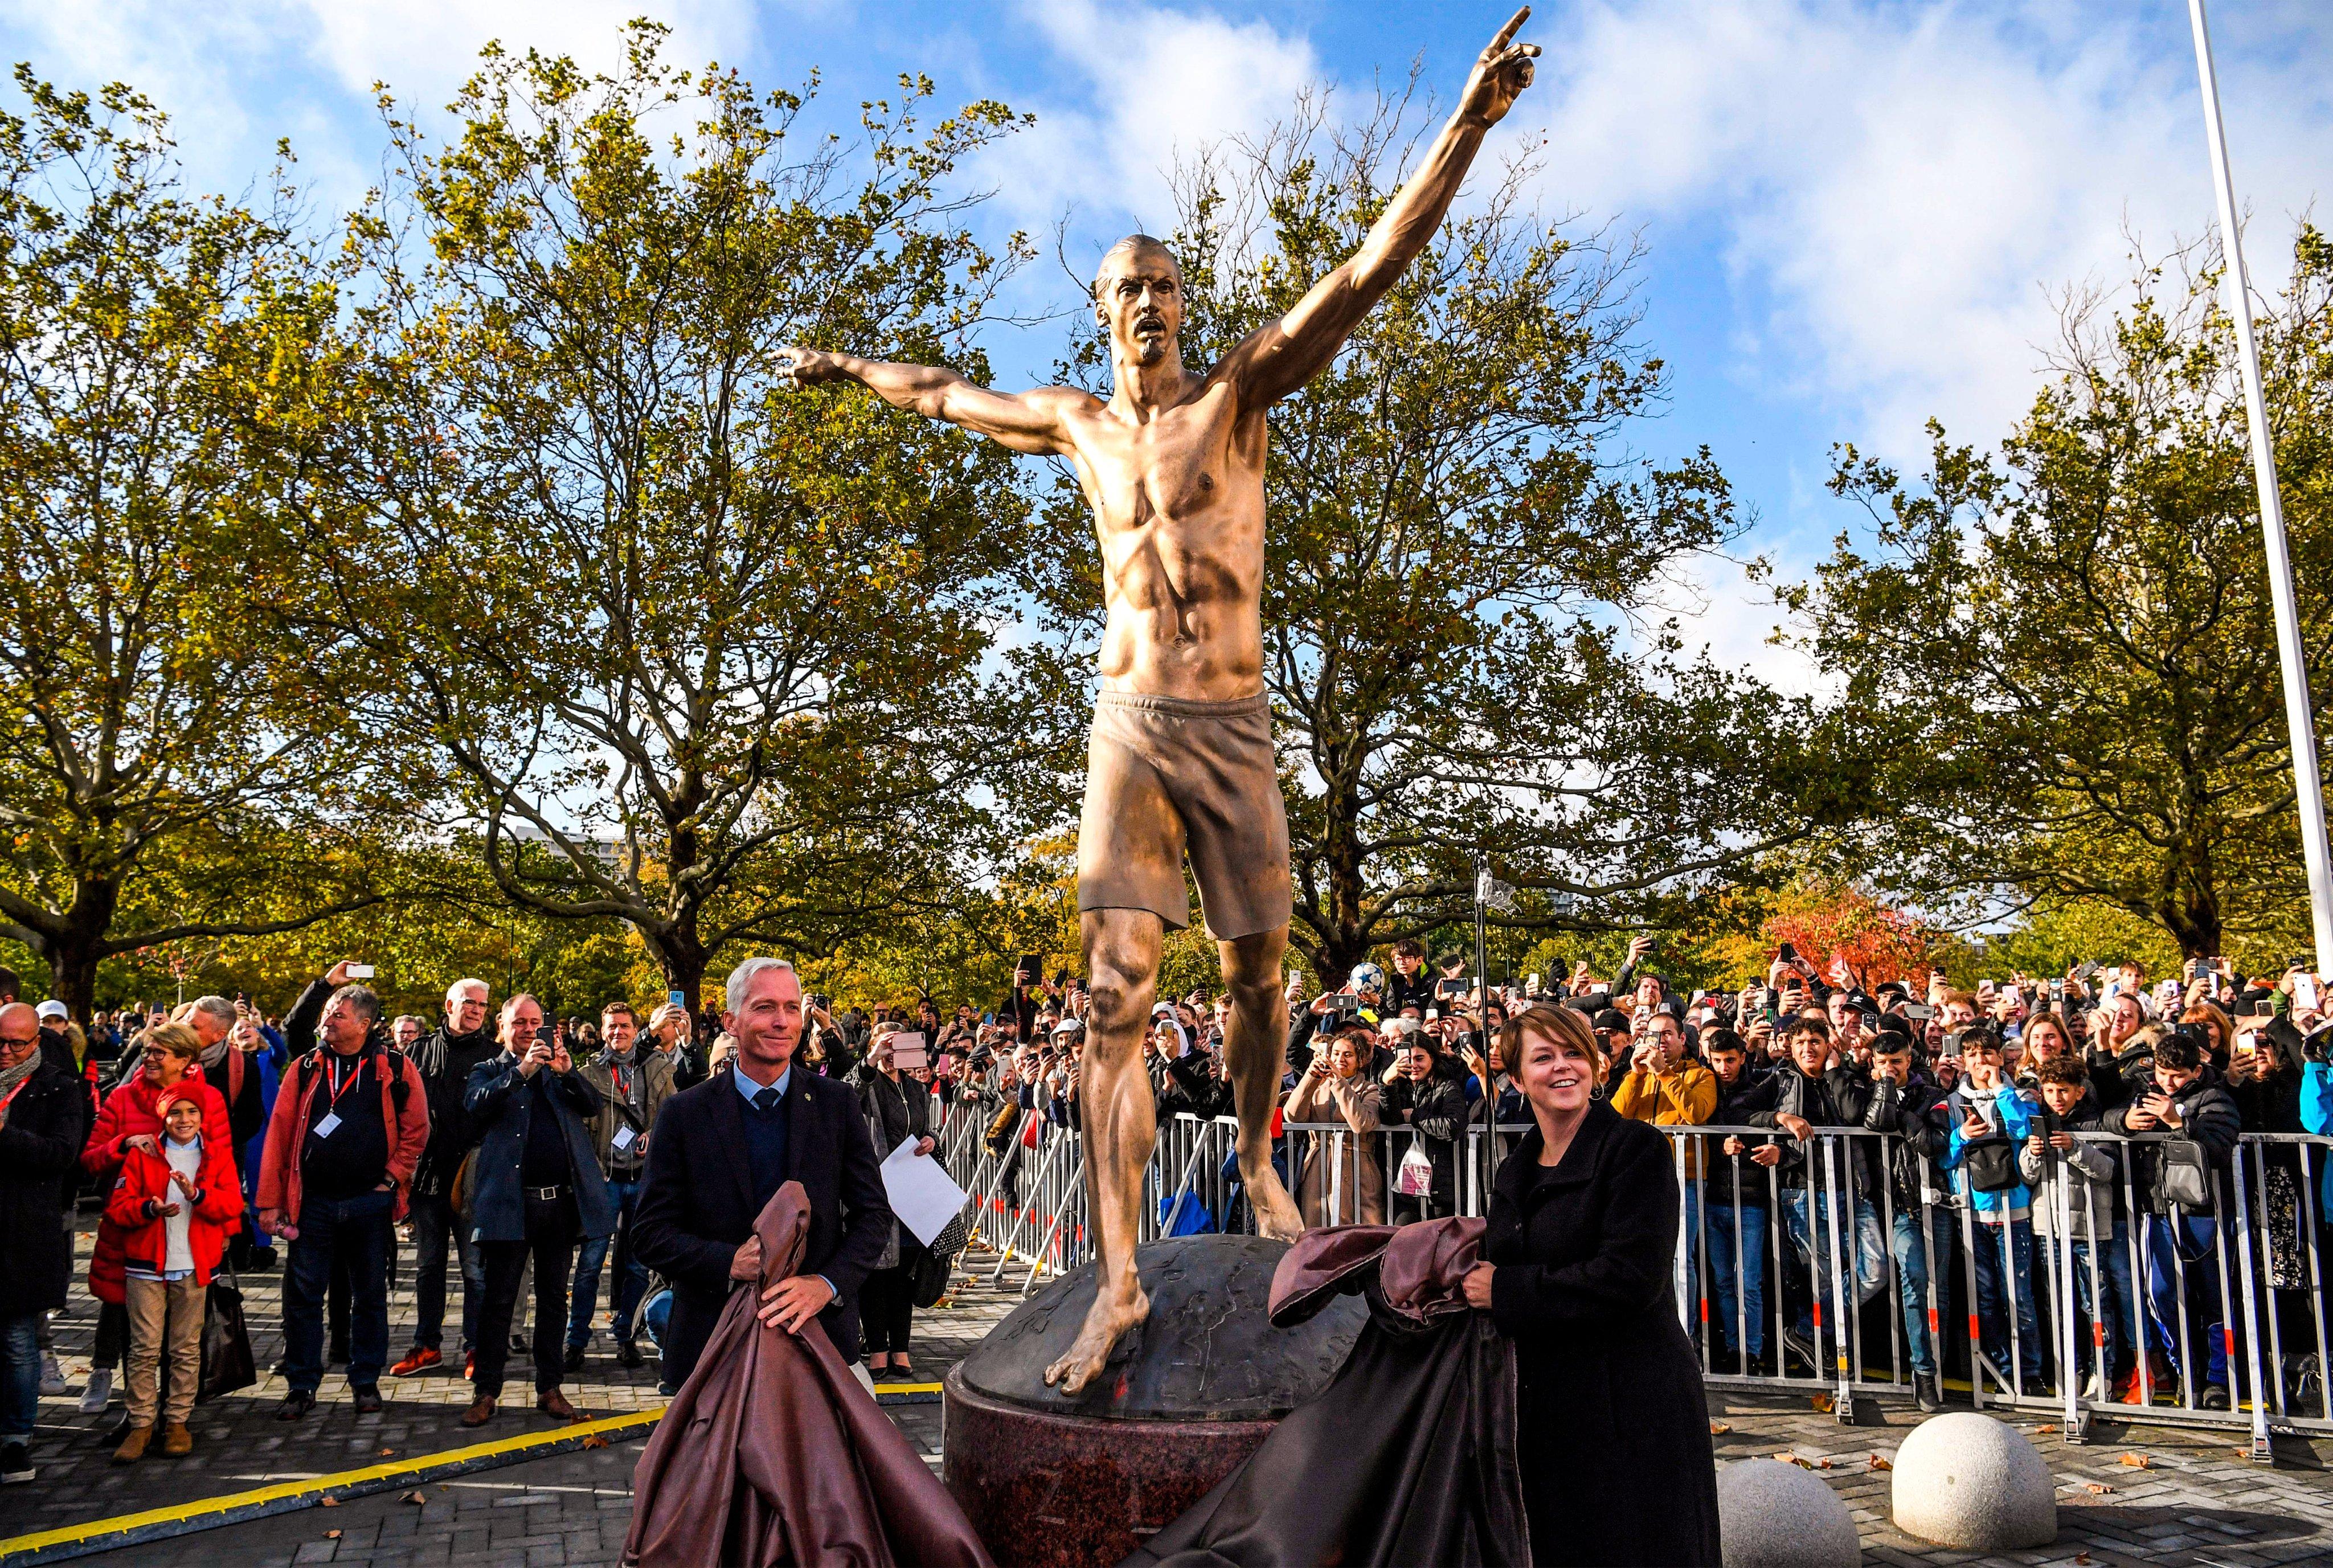 تمثال إبراهيموفيتش